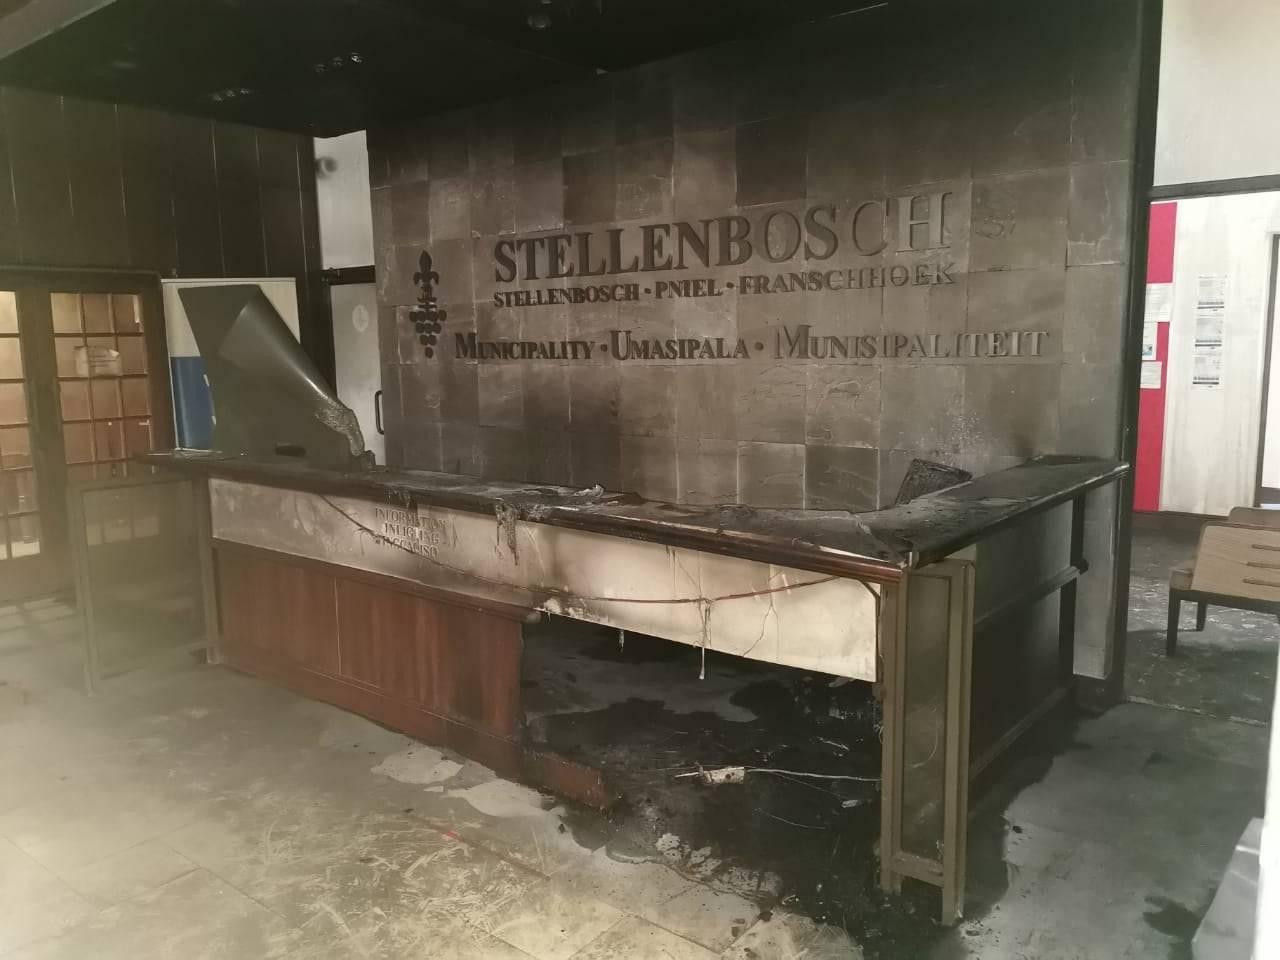 Die ontvangsarea van die Stellenbosch-munisipaliteit ná die brand Sondag. Foto: Verskaf